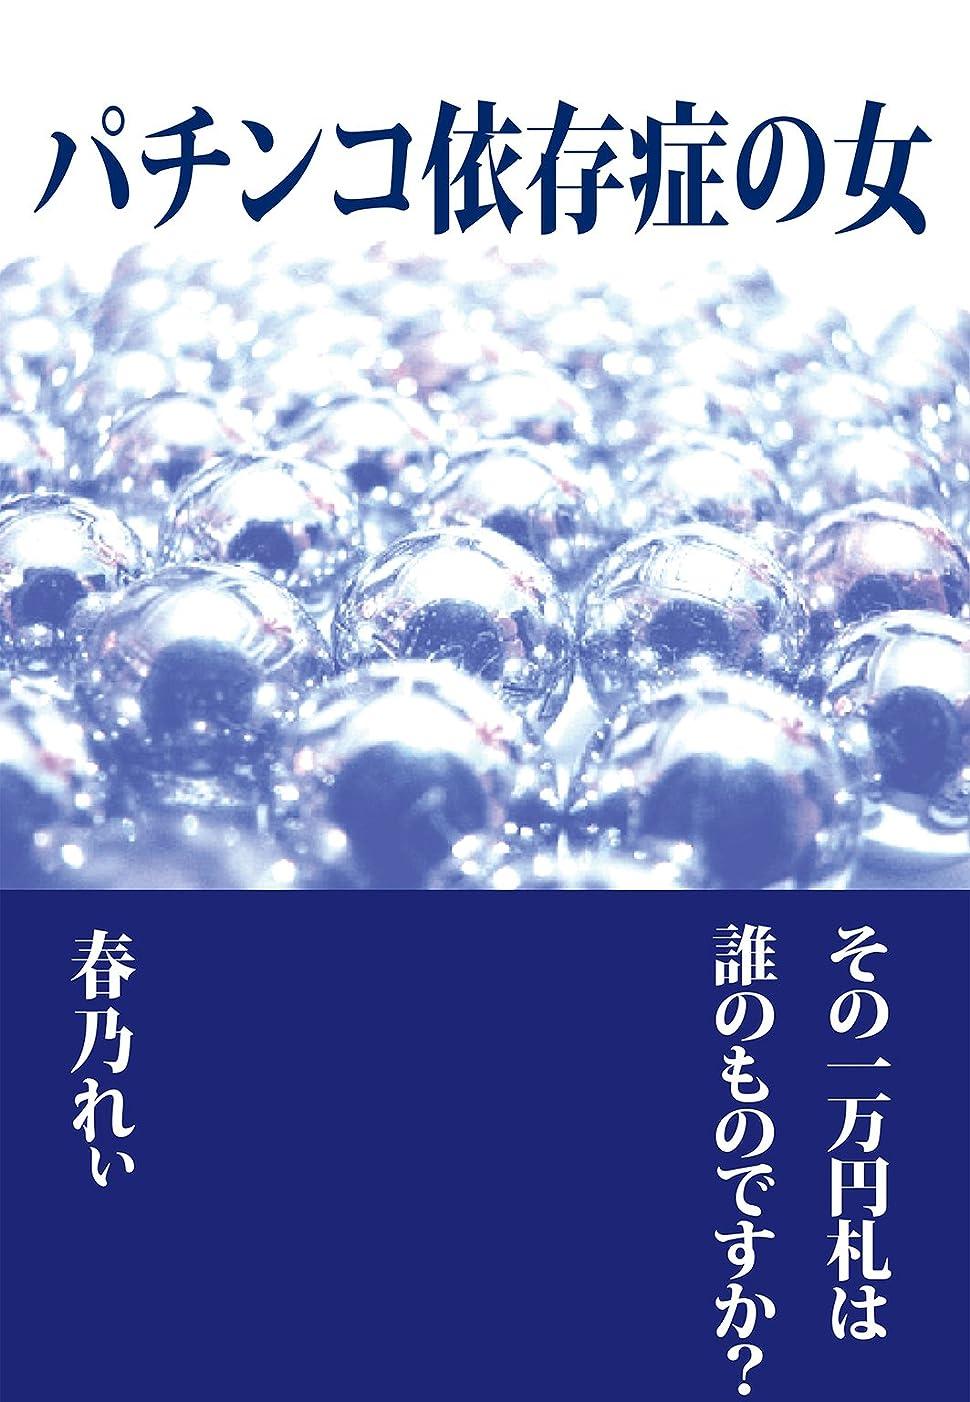 ブラジャーブラウザダイエットパチンコ依存症の女1 ~その1万円札は誰のものですか?~